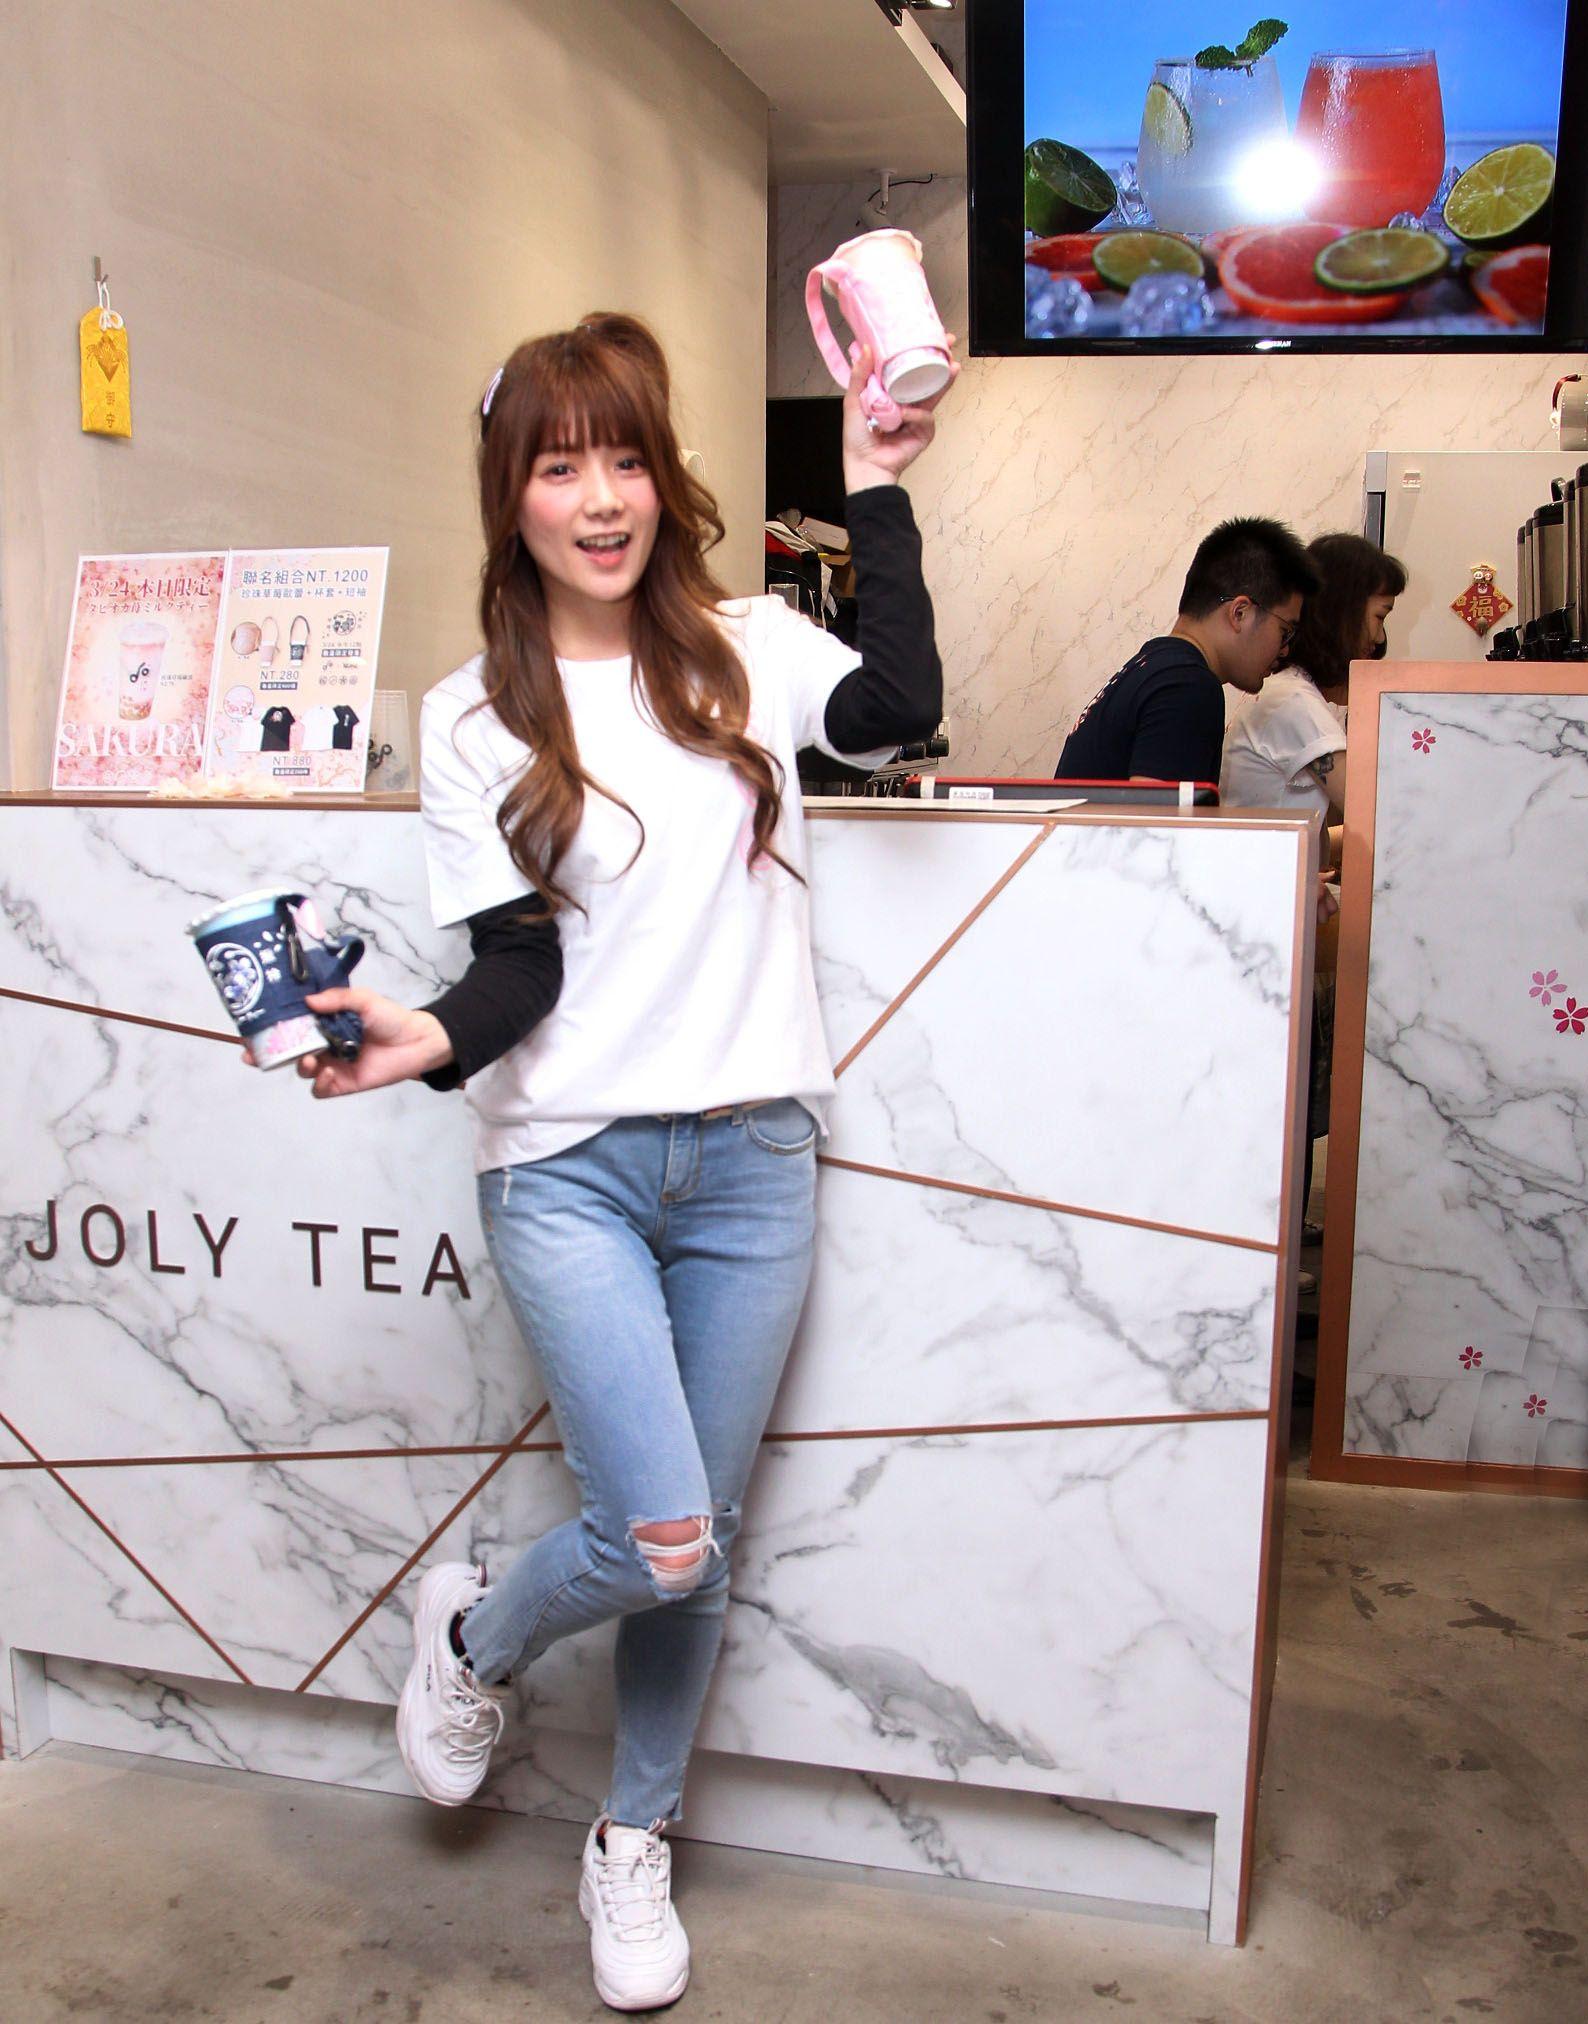 解婕翎JOLY揪拎特調飲品專賣店引爆永康街。(記者邱榮吉/攝影)